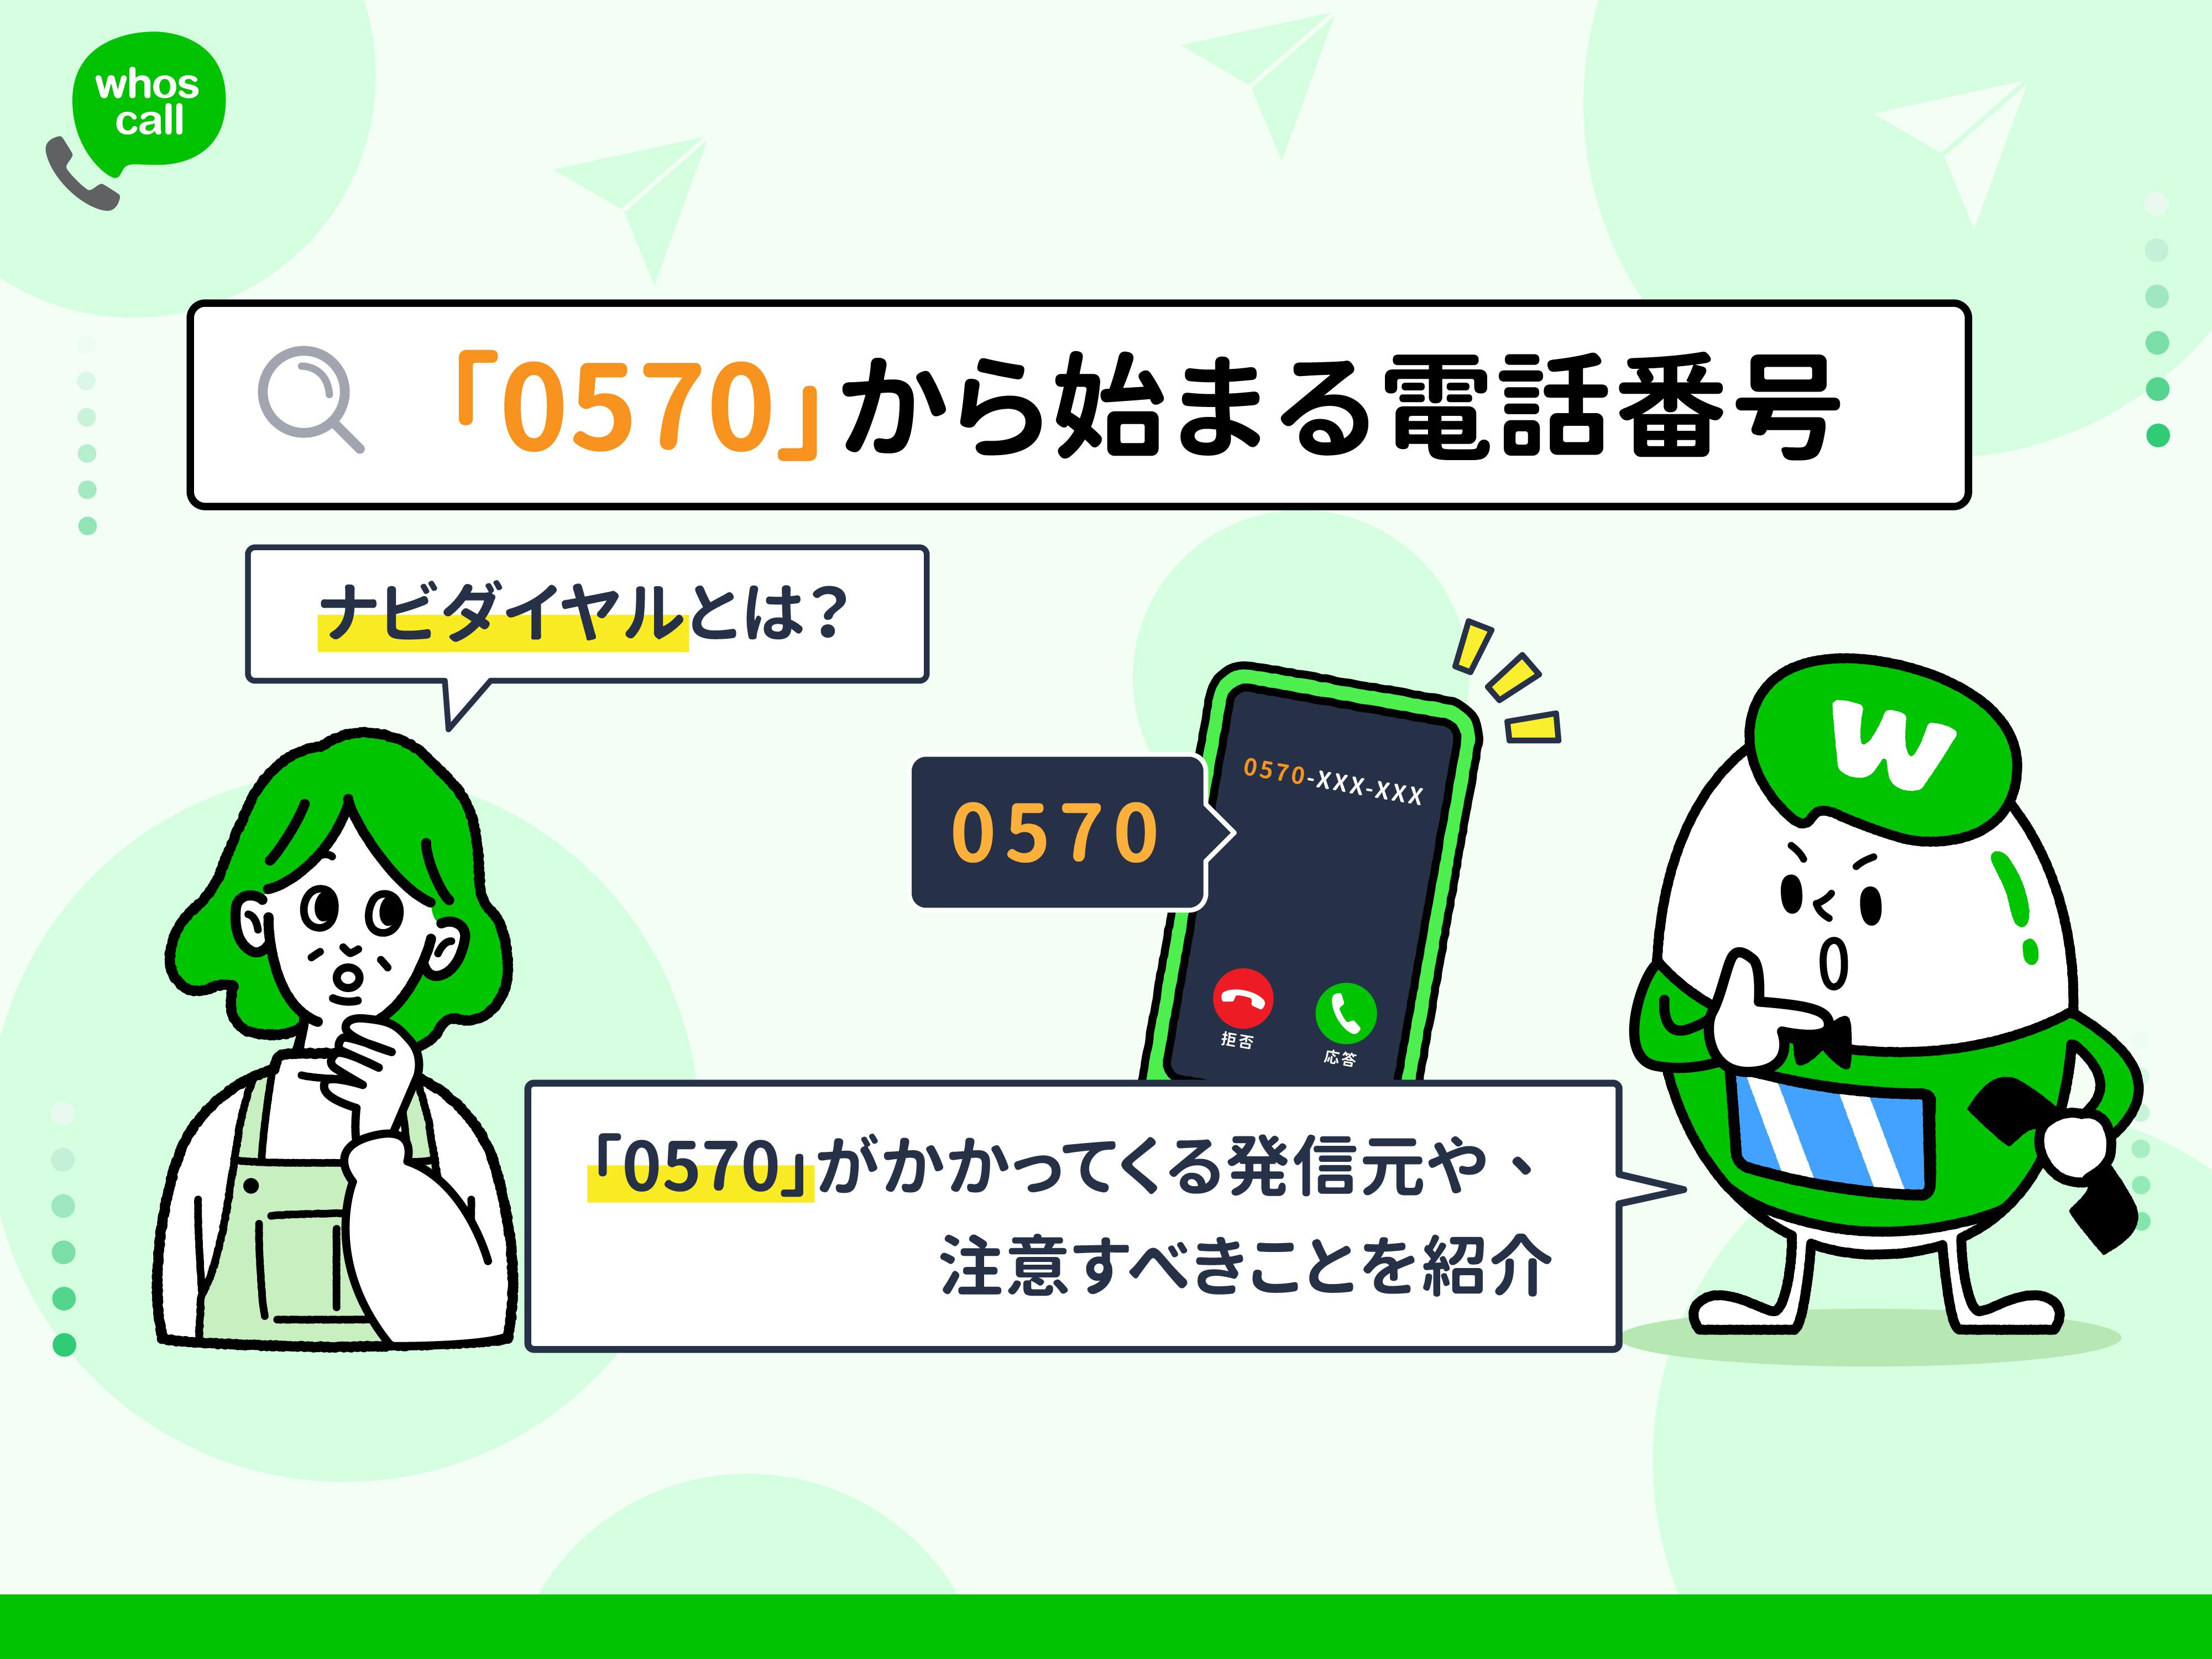 「0570」から始まる電話番号ナビダイヤルとは?「0570」がかかってくる発信元や、注意すべきことを紹介